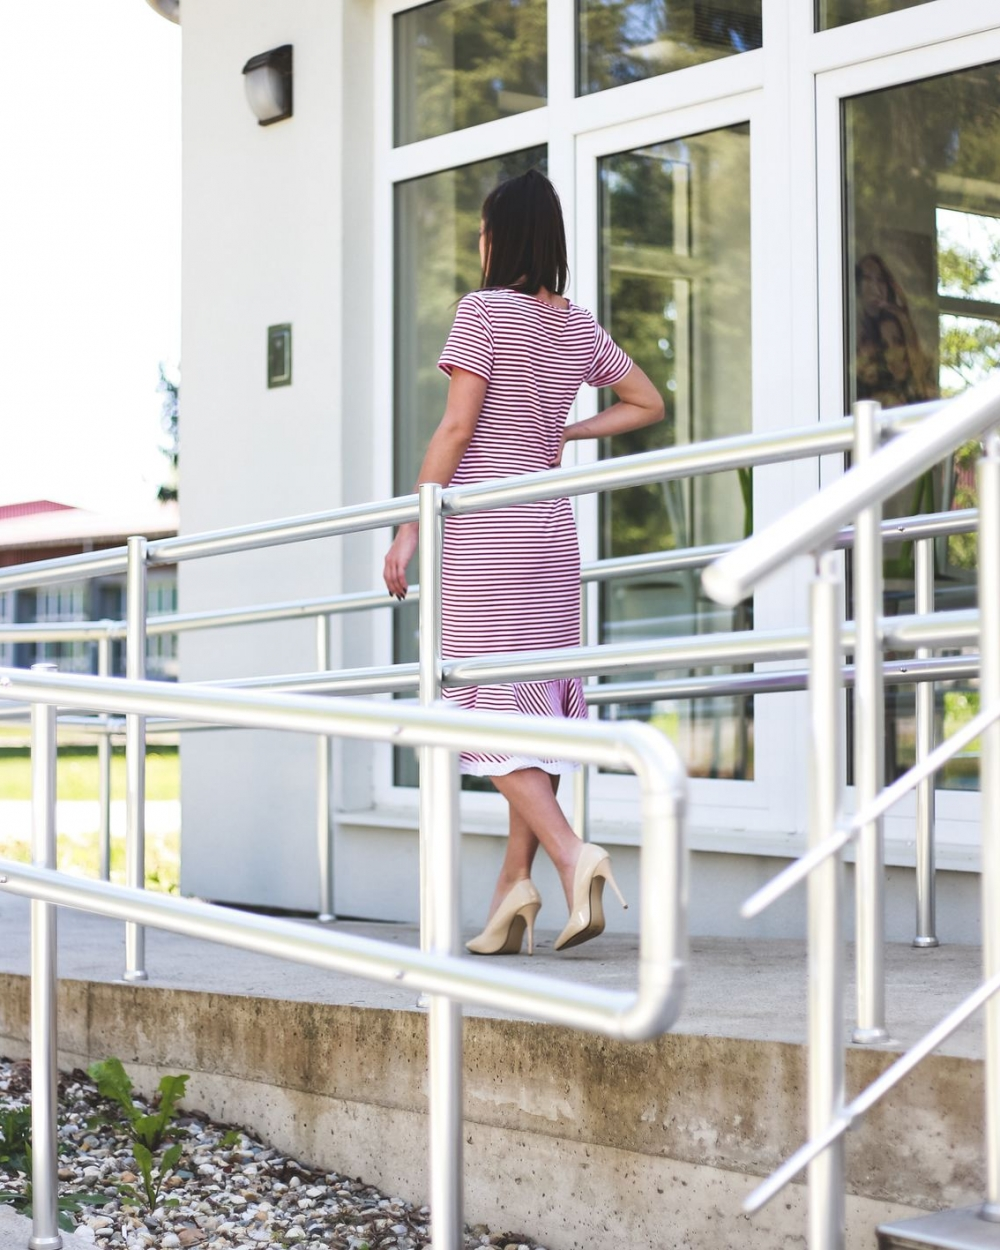 Lexi haljina crveno bijele prugice - Ae design